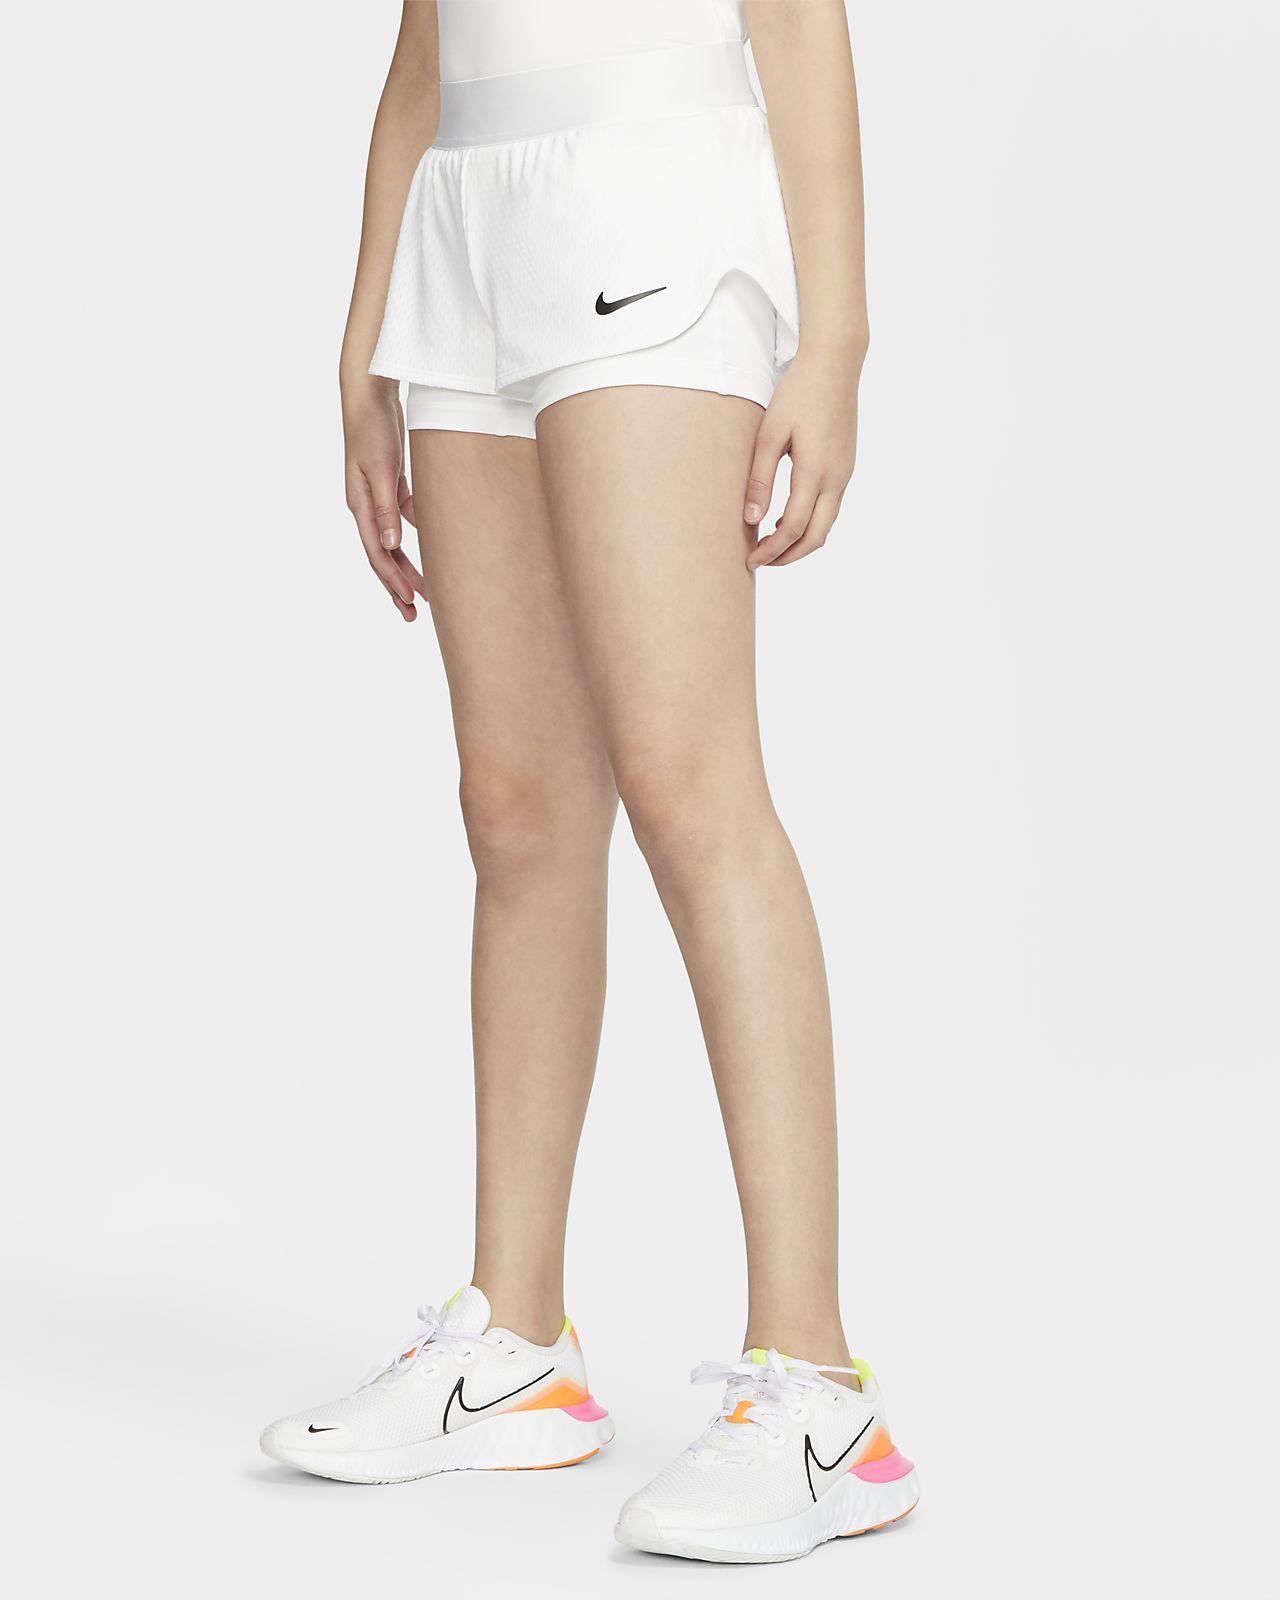 NikeCourt Pure Tennisshorts für ältere Kinder (Mädchen)